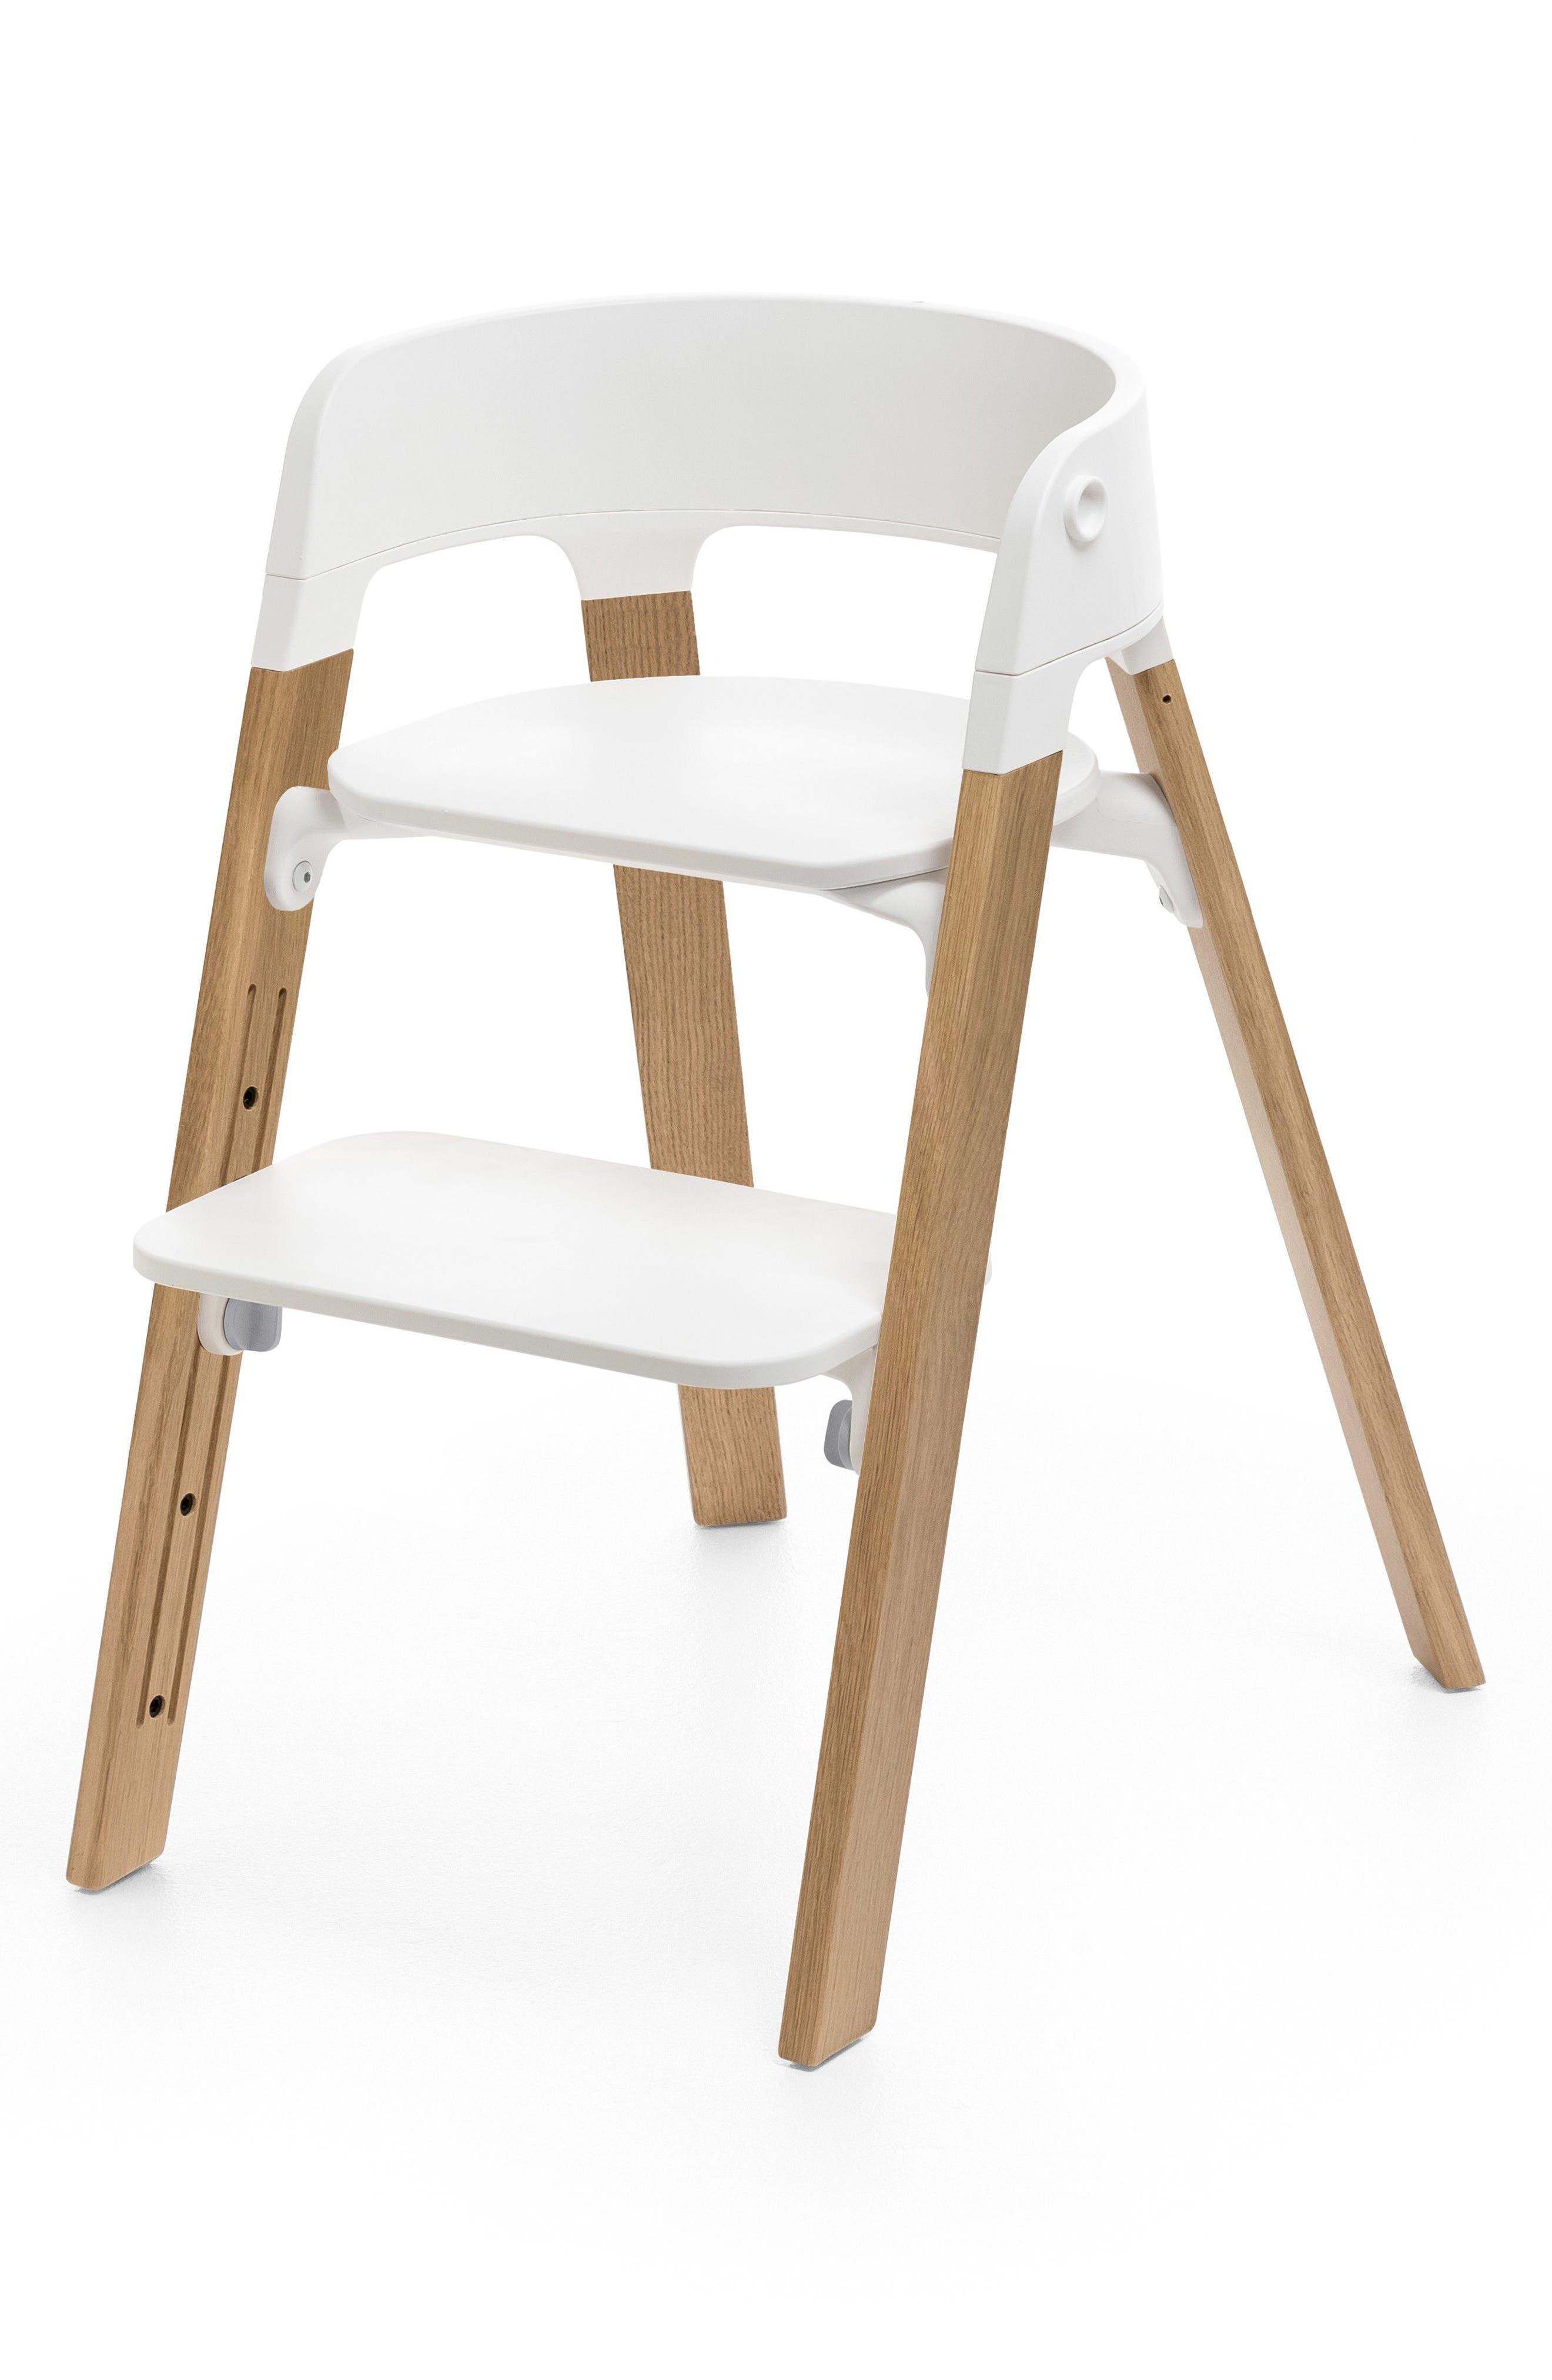 Stokke Steps™ Chair Legs